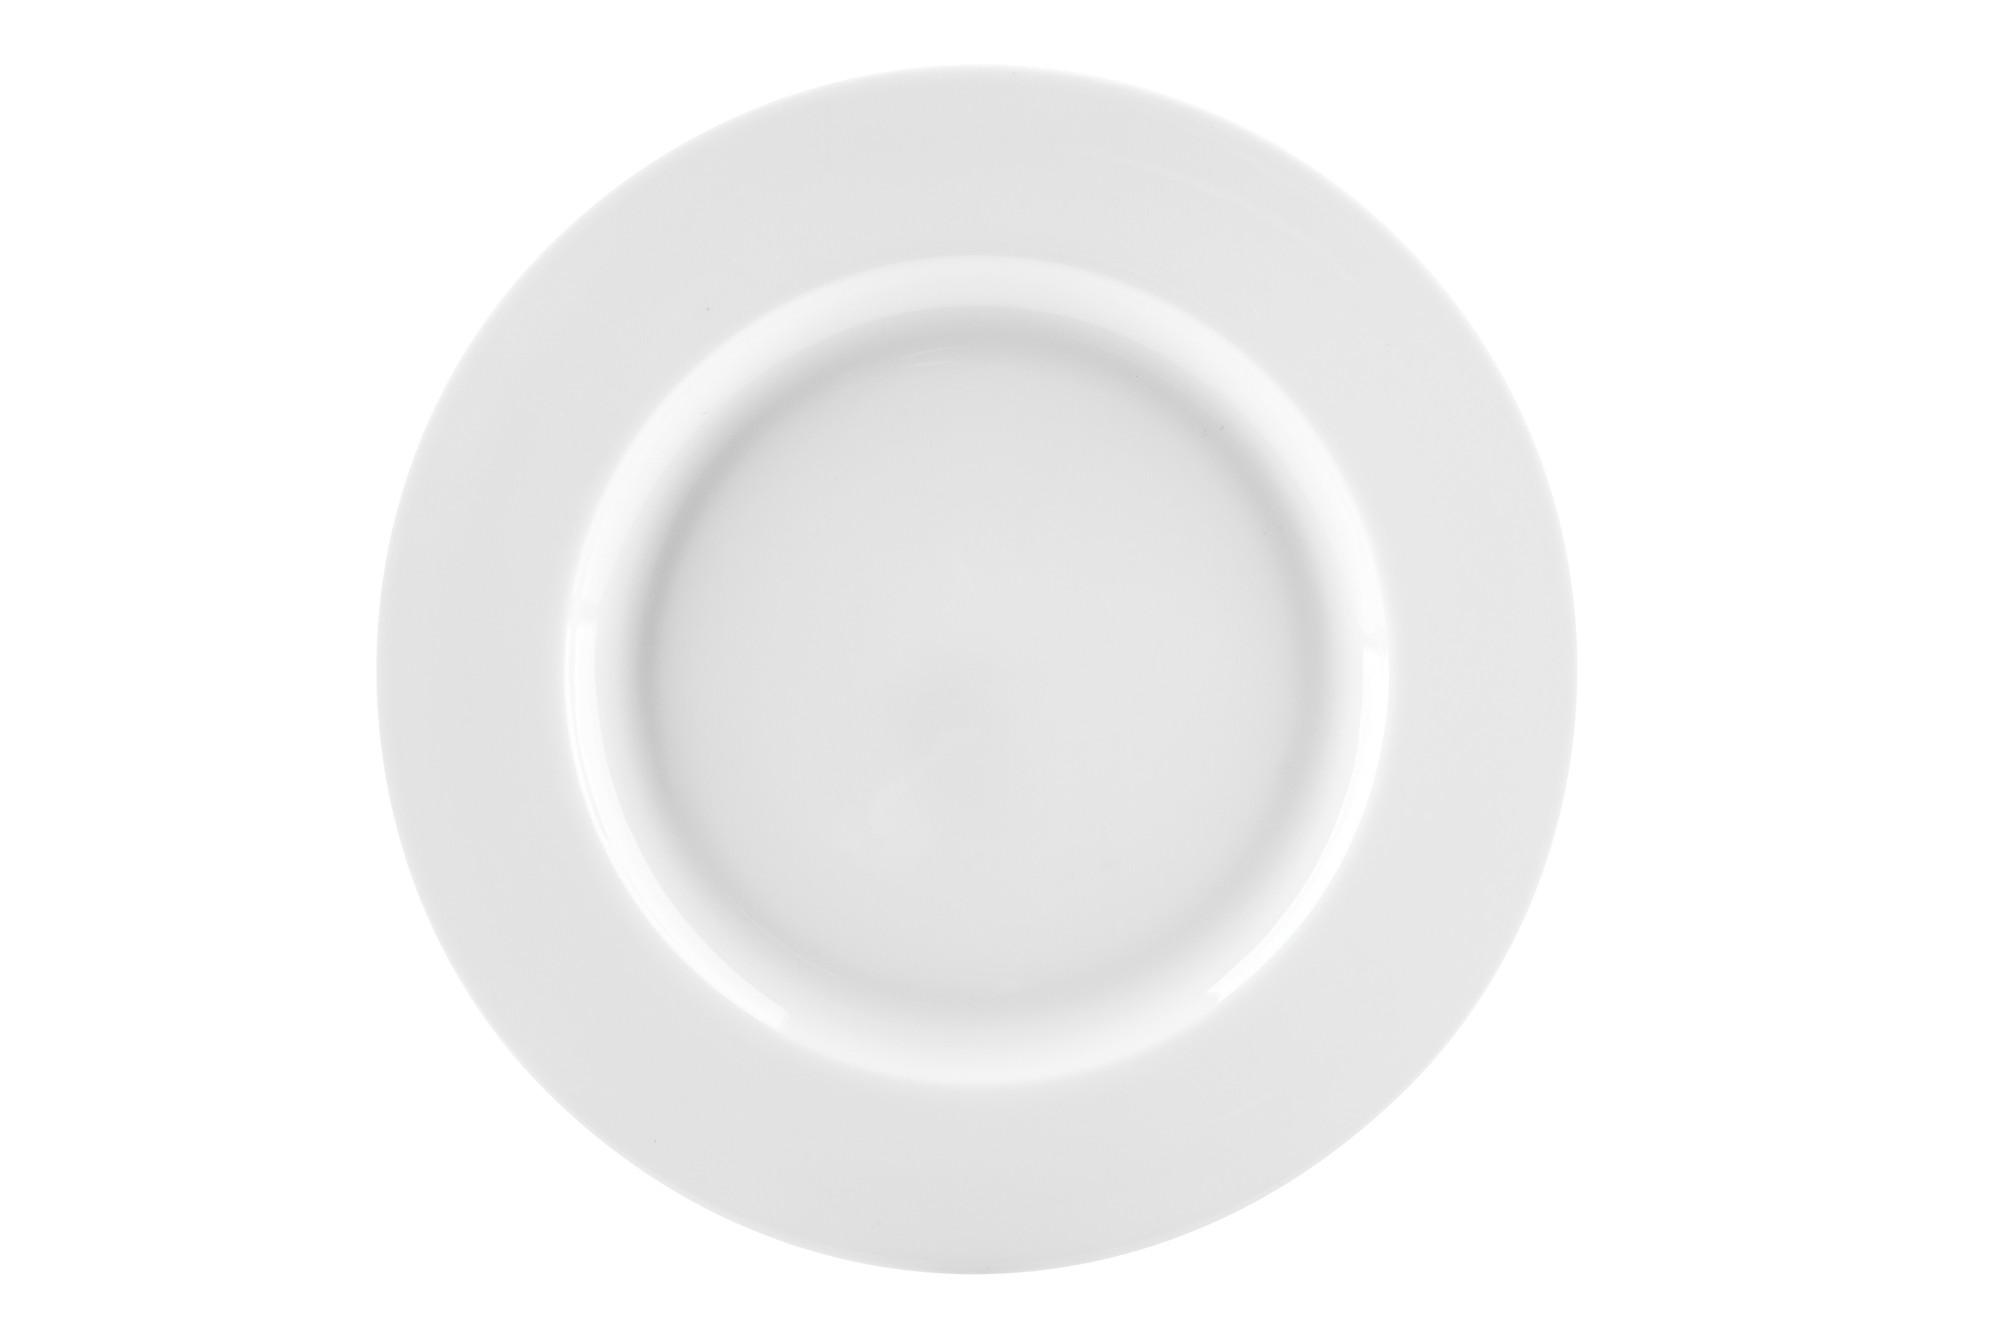 Πιάτο Φρούτου Σετ 6Τμχ Profile 20cm Ionia home   ειδη σερβιρισματος   πιάτα